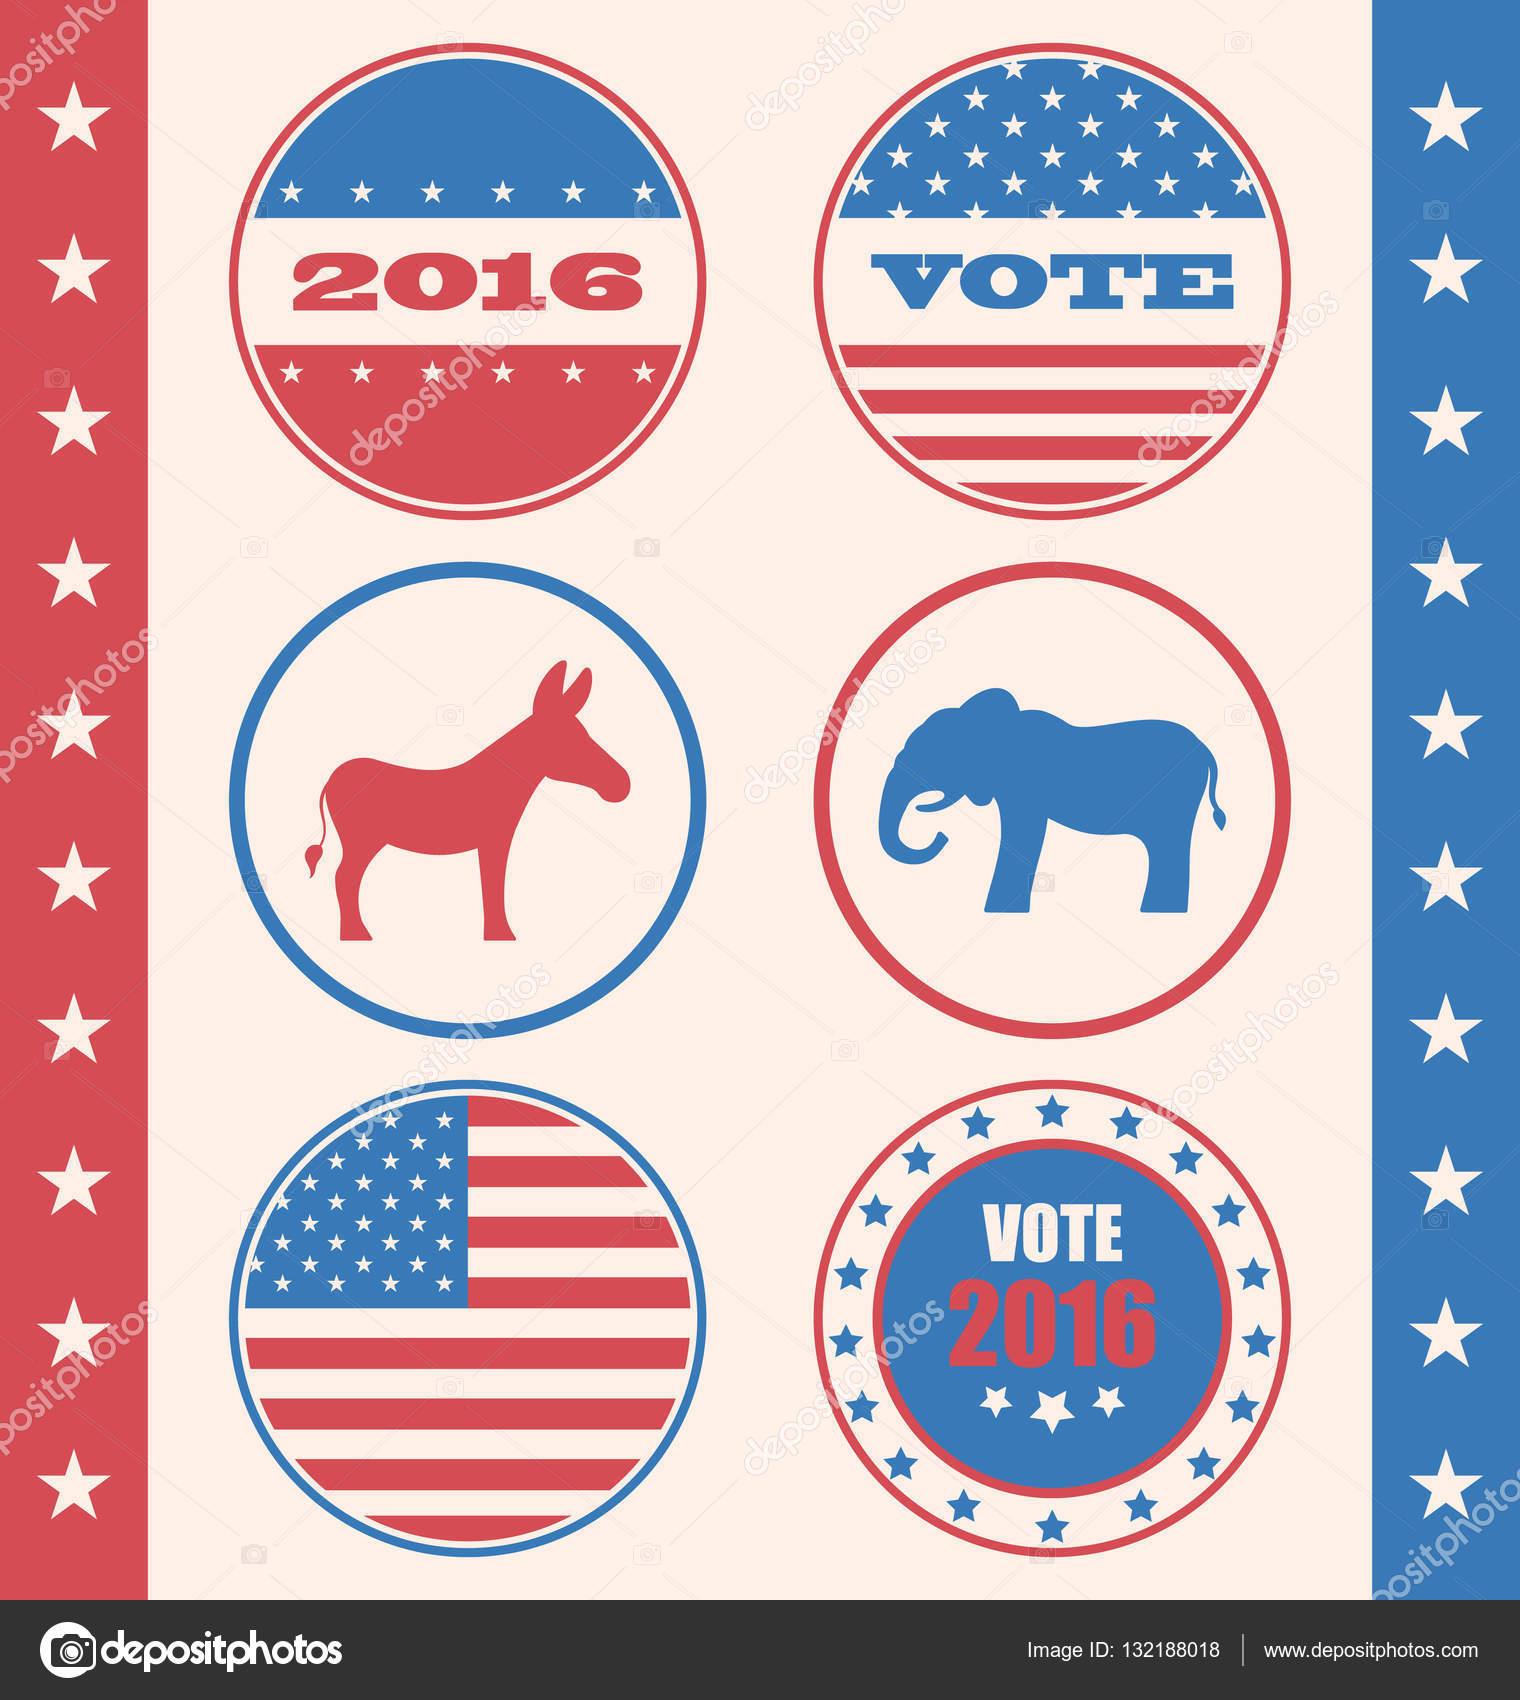 Estilo retro del botón de voto o elección de campaña — Foto de ...